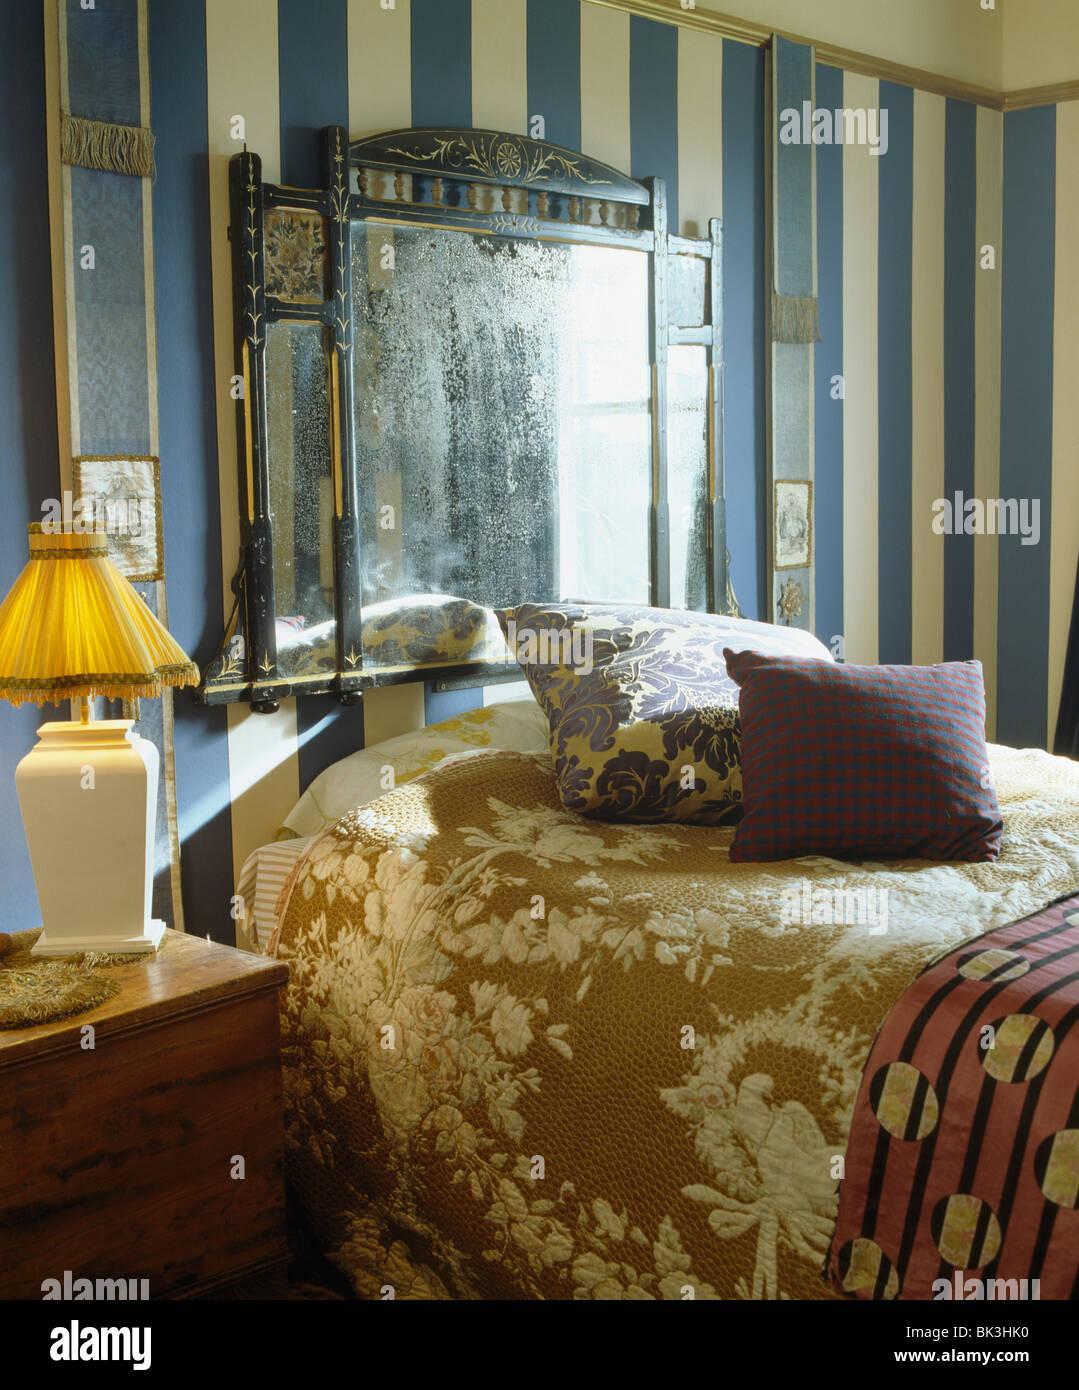 Antiken Kaminsims über Spiegel über Dem Bett Mit Braun Floral Bettdecke Im  Schlafzimmer Mit Blauen + Creme Breit Gestreifte Tapete